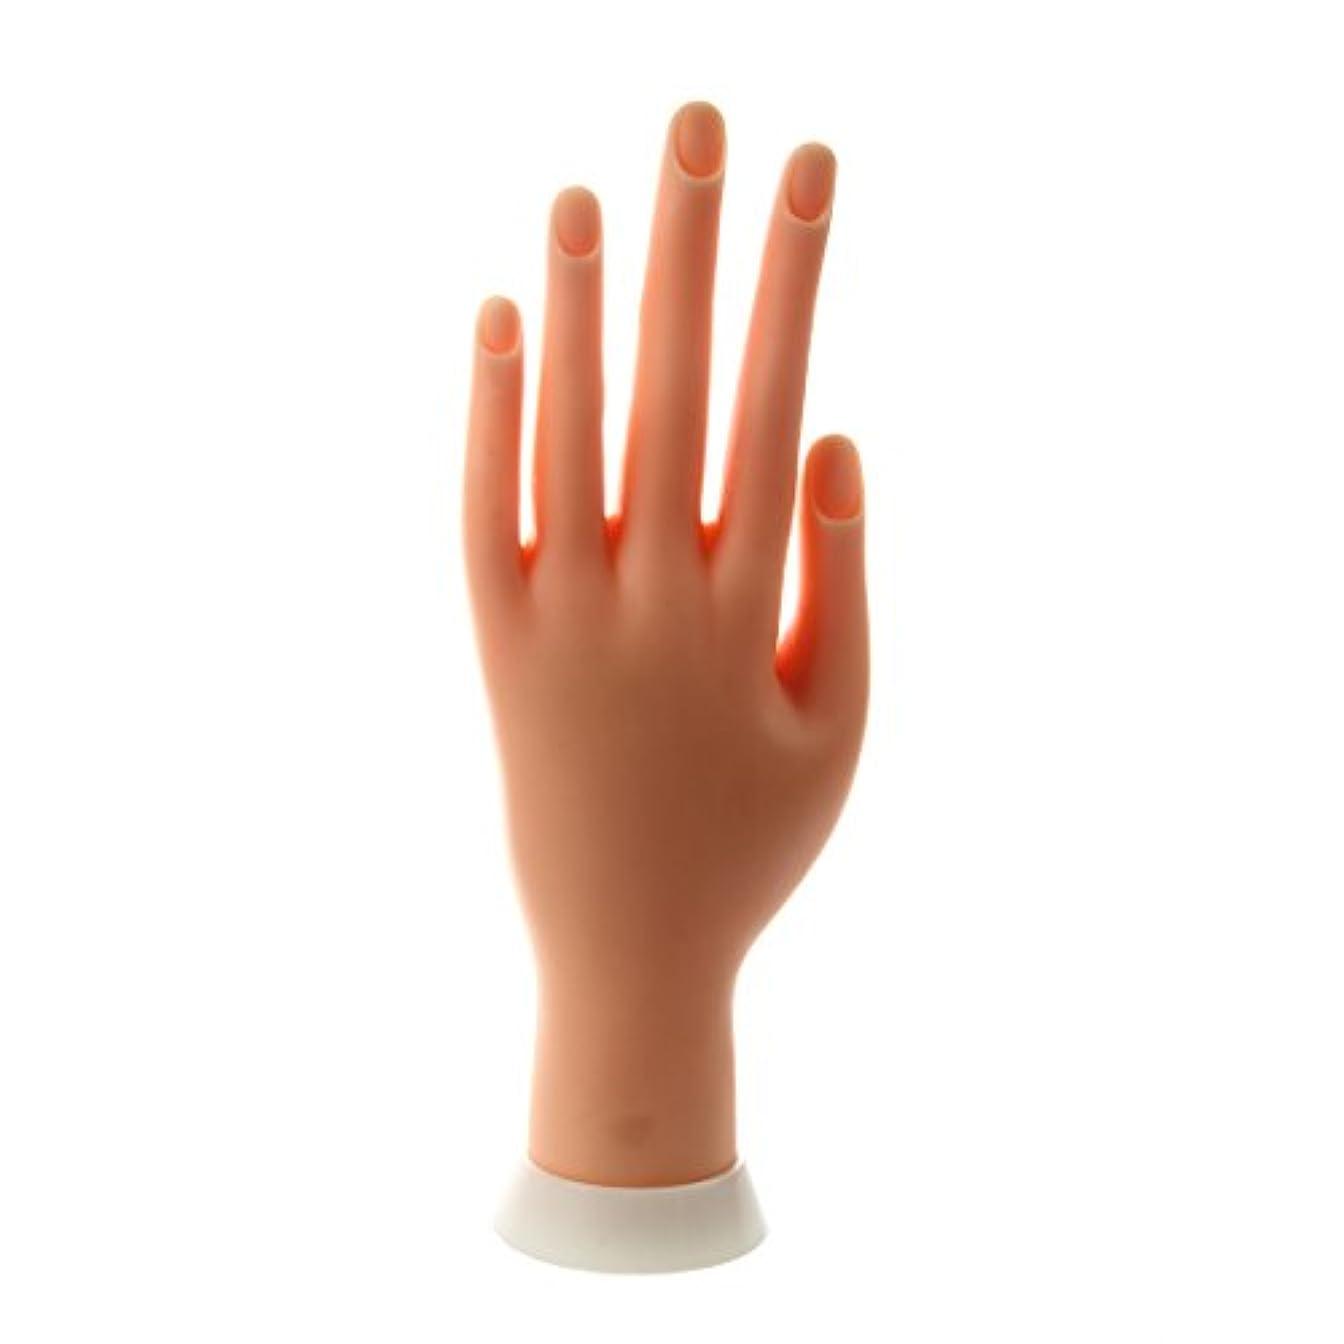 遊具クラウドなるGaoominy Gaoominy(R) ネイルアートの練習のためのモデル左手